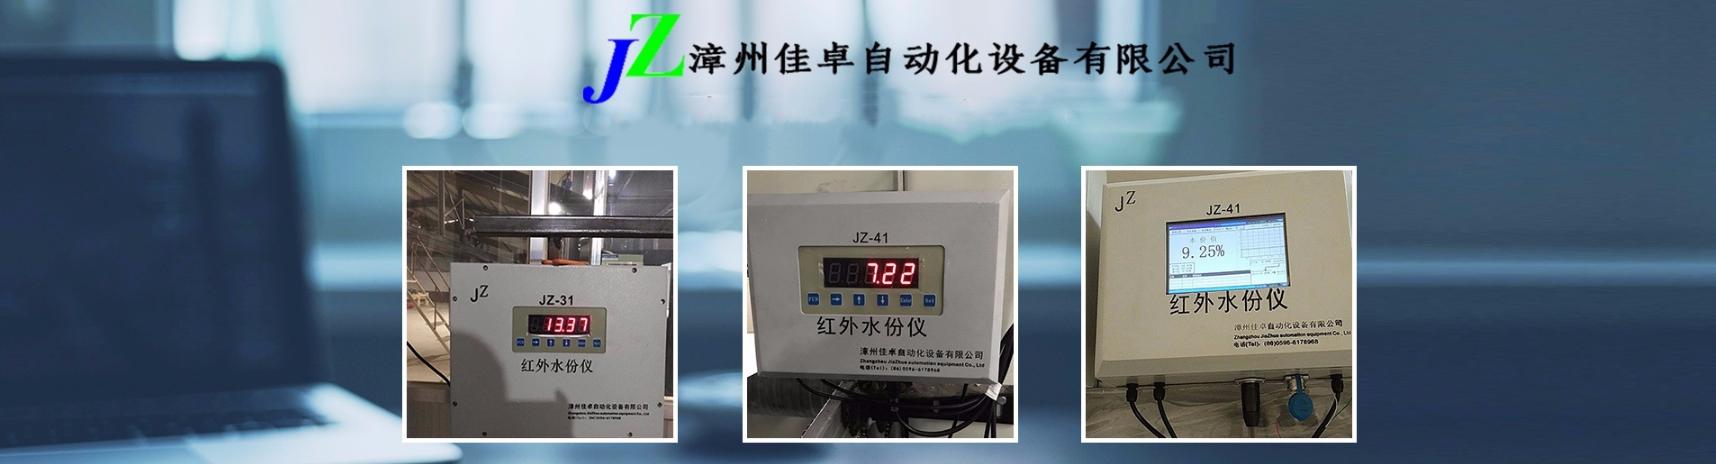 漳州佳卓自动化设备有限公司